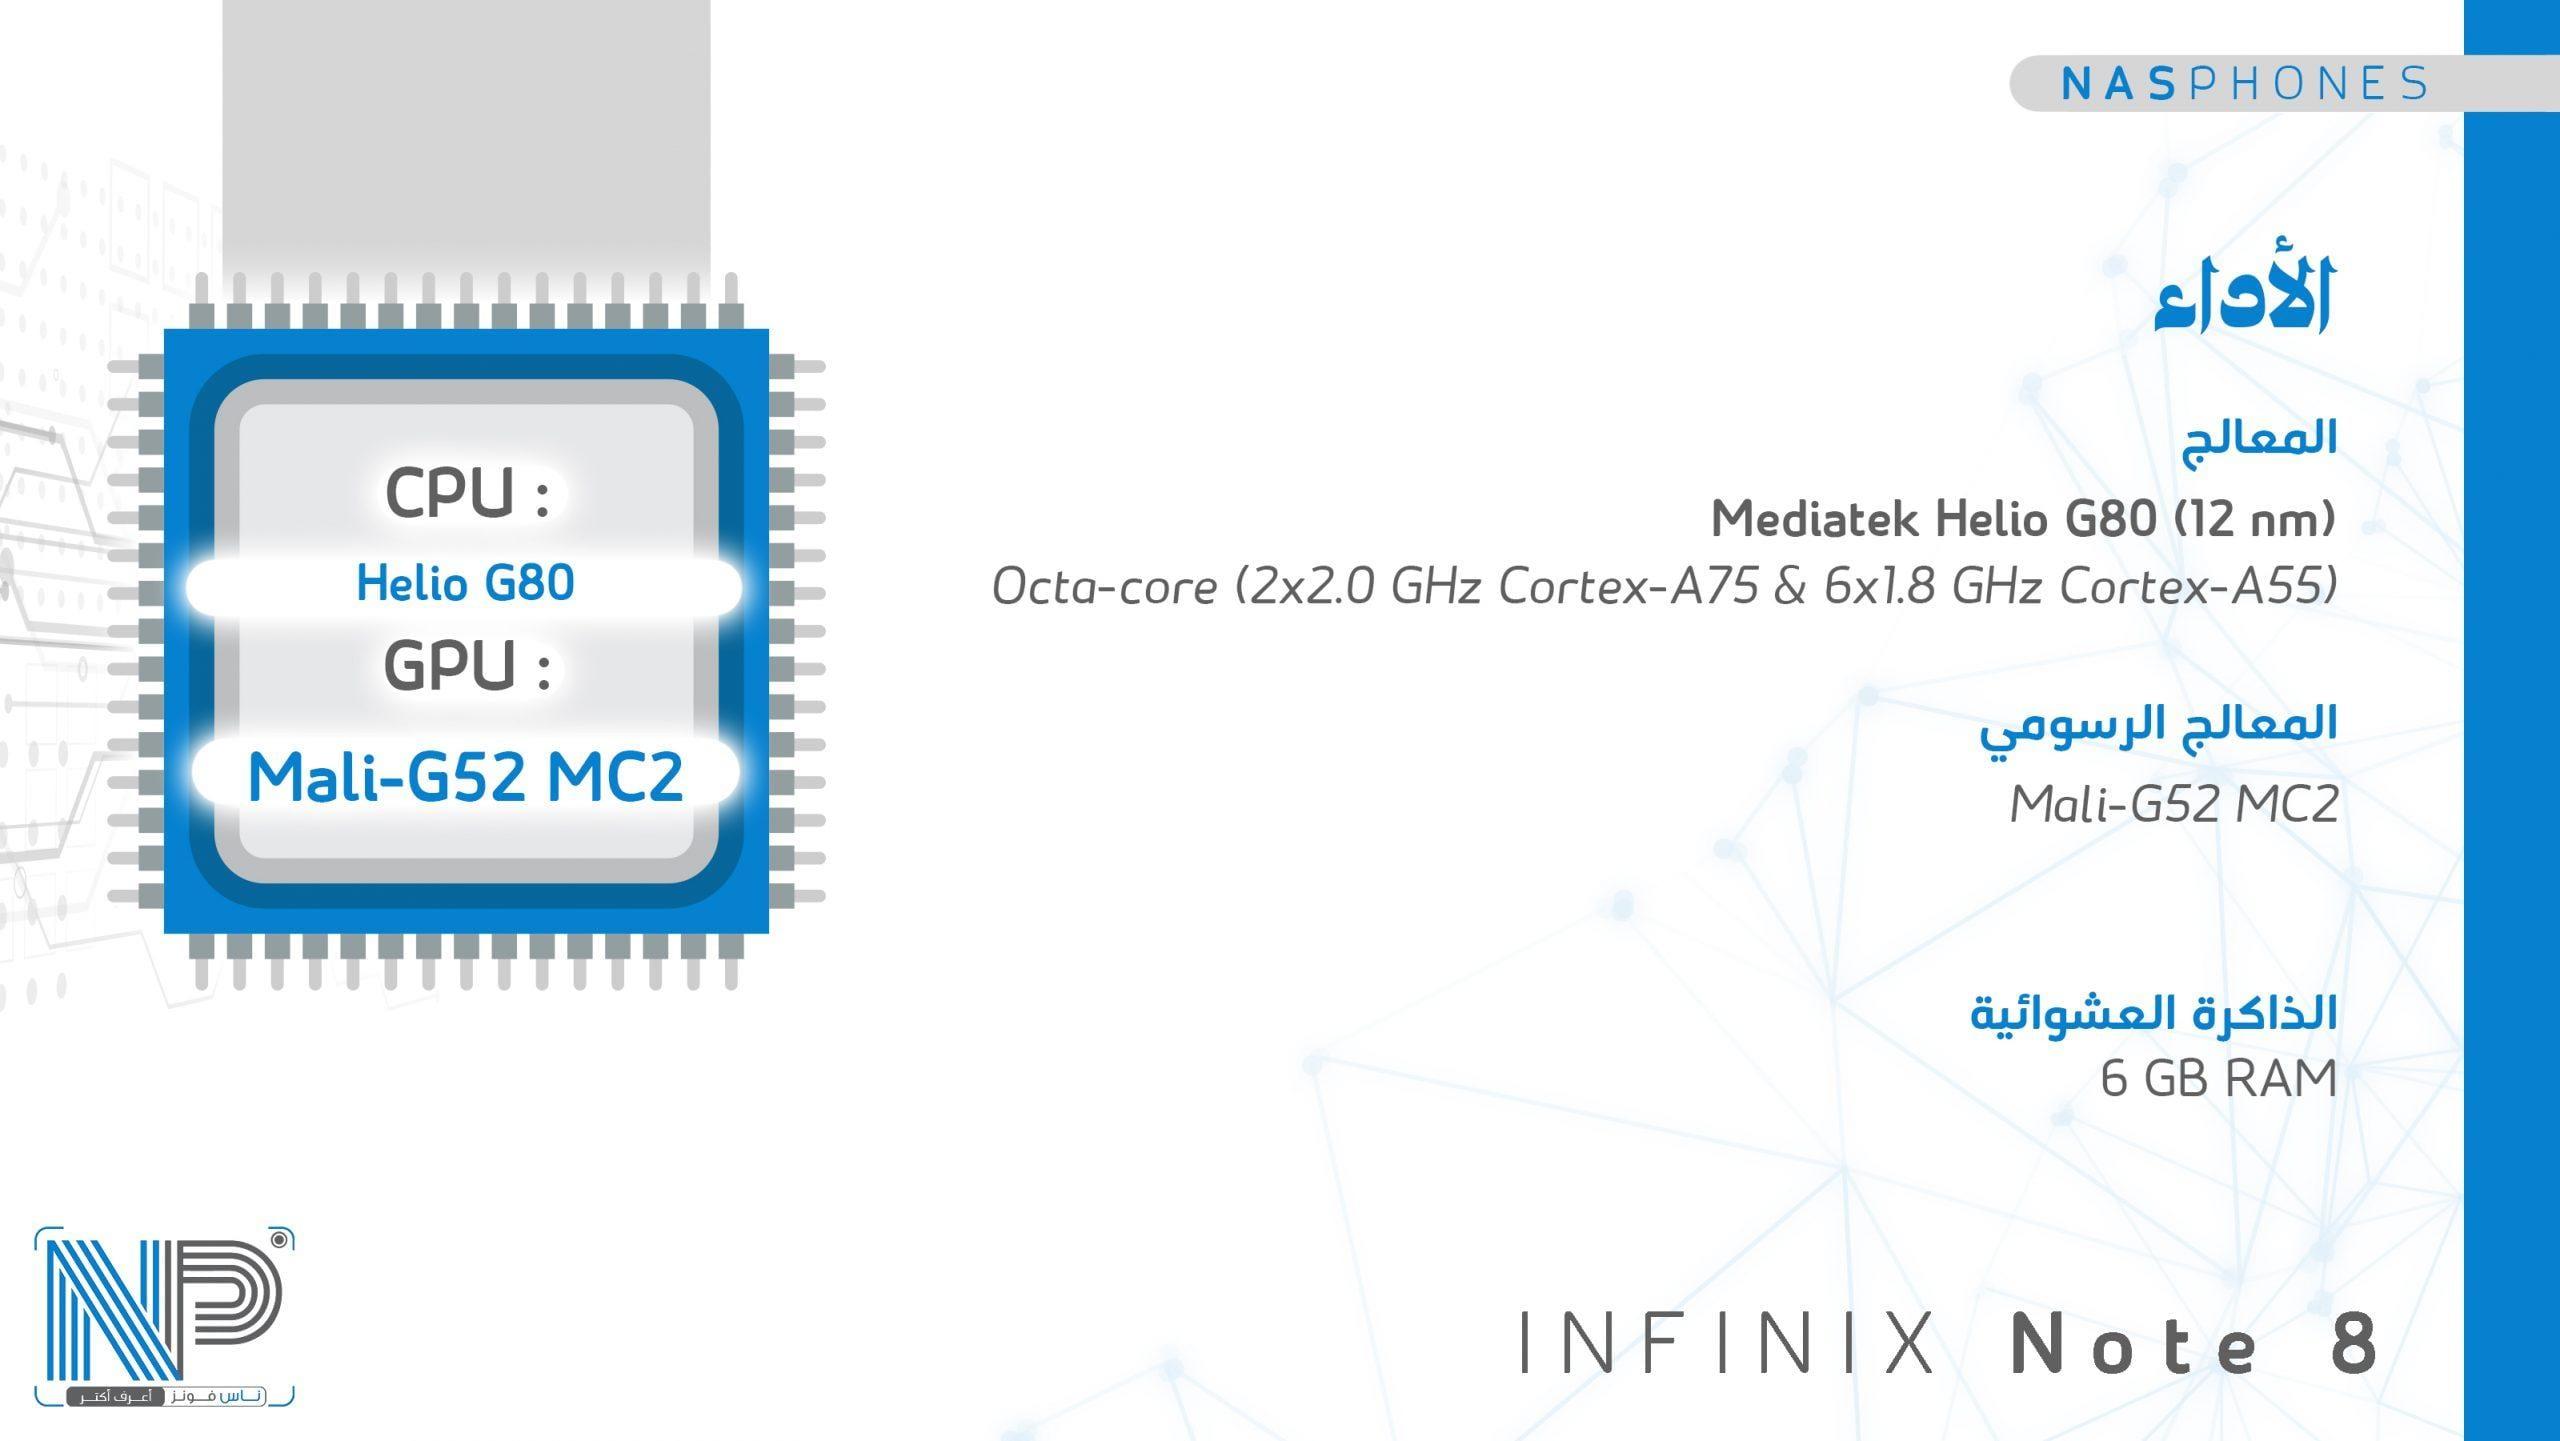 أداء موبايل infinix Note 8